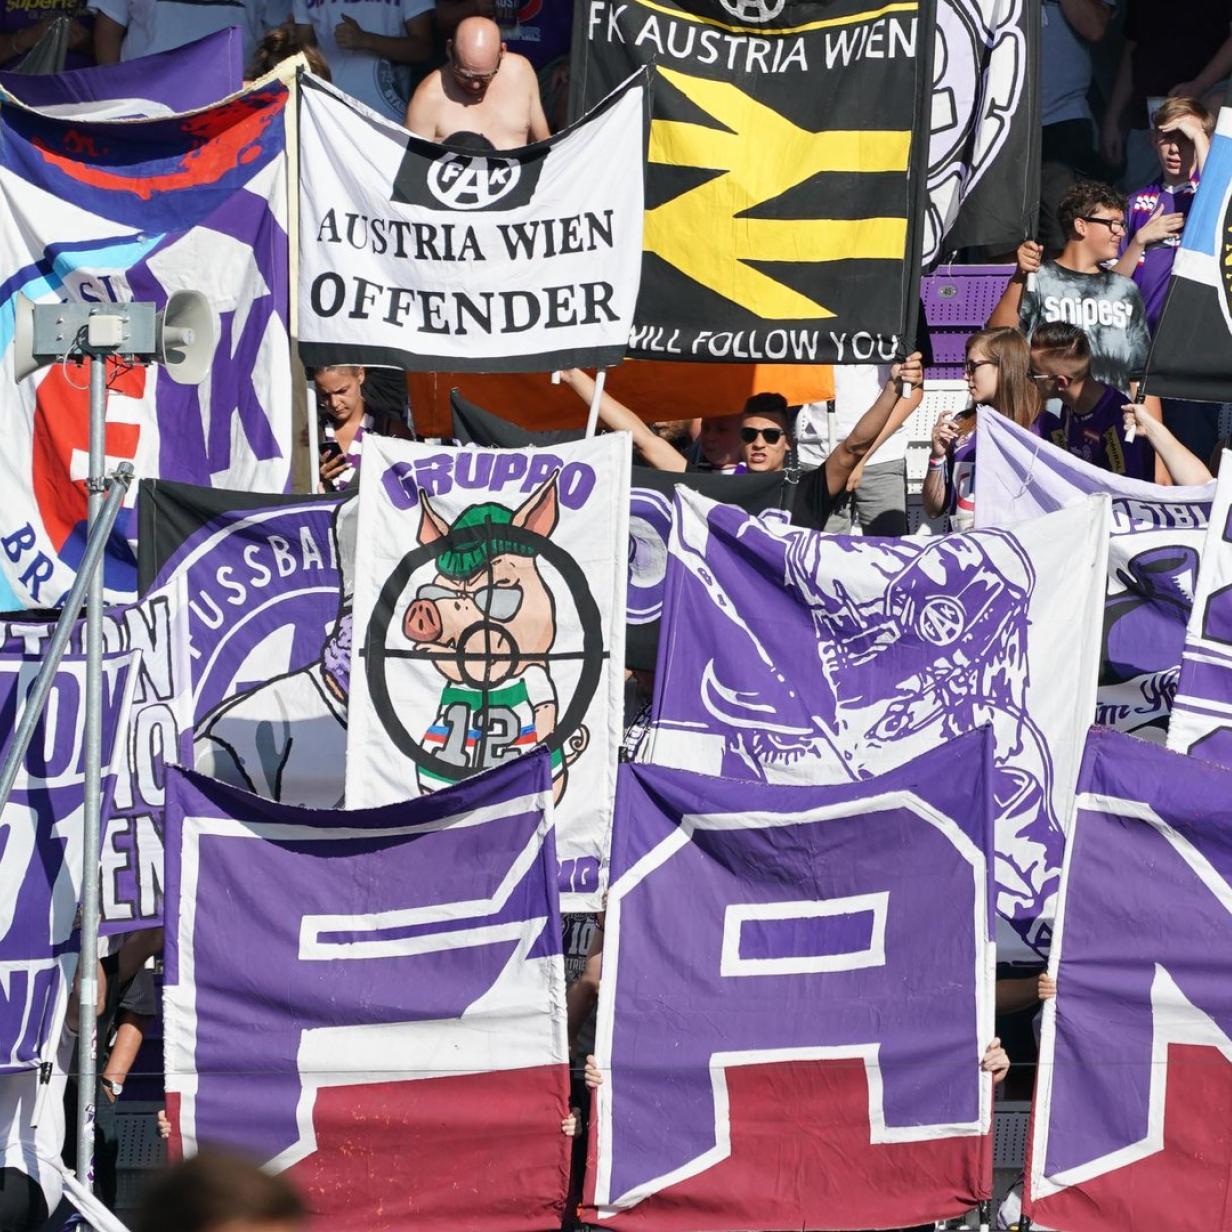 Skandal beim Wiener Derby: Austria-Fans hissten Nazi-Flagge